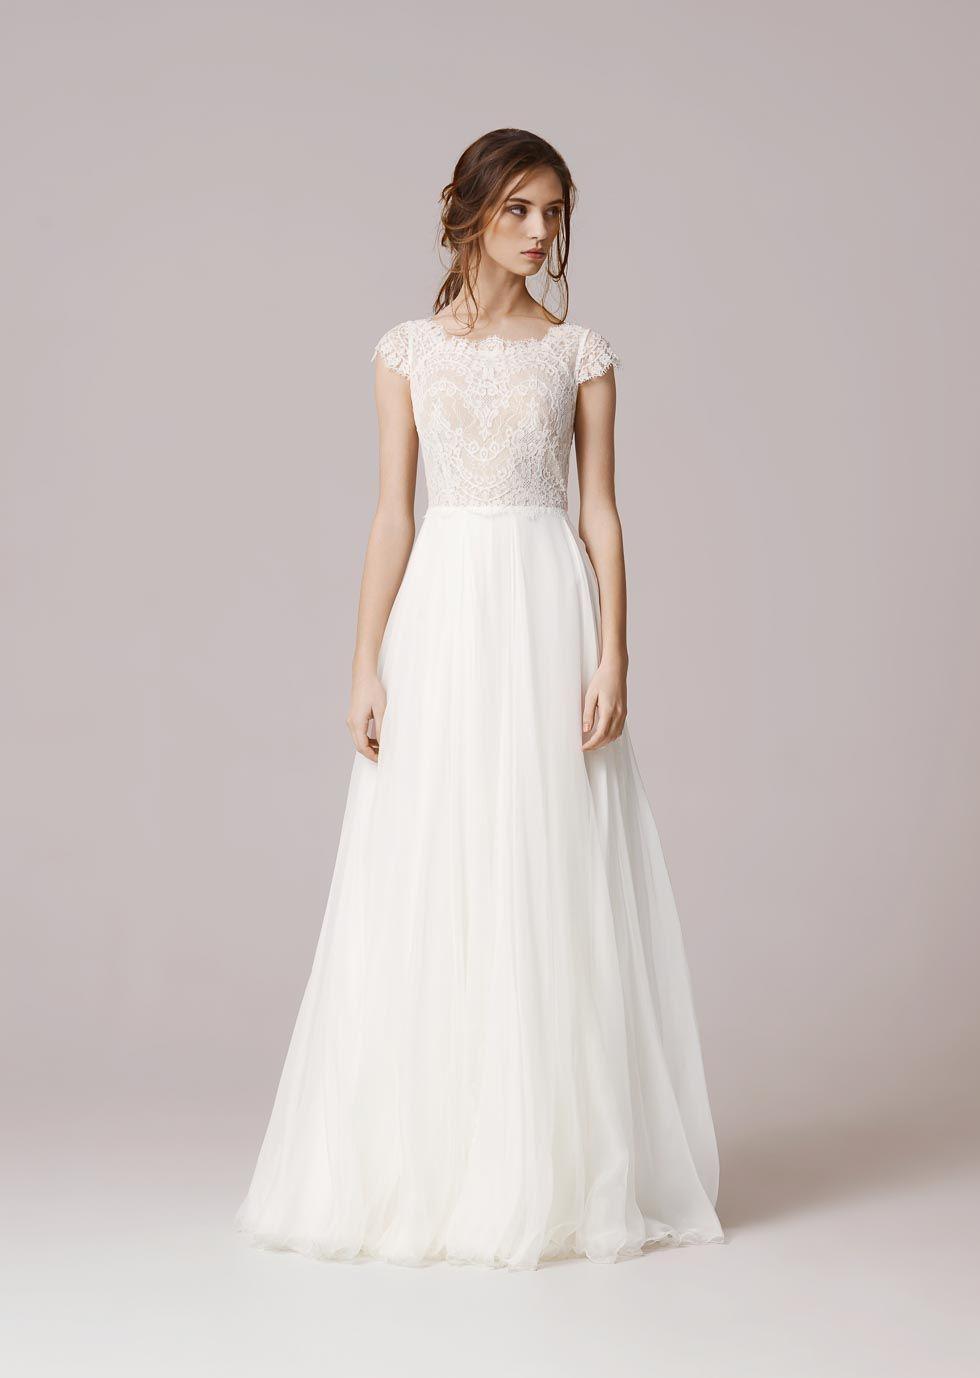 FLAMENCO  Kleider hochzeit, Brautmode, Brautkleid vintage